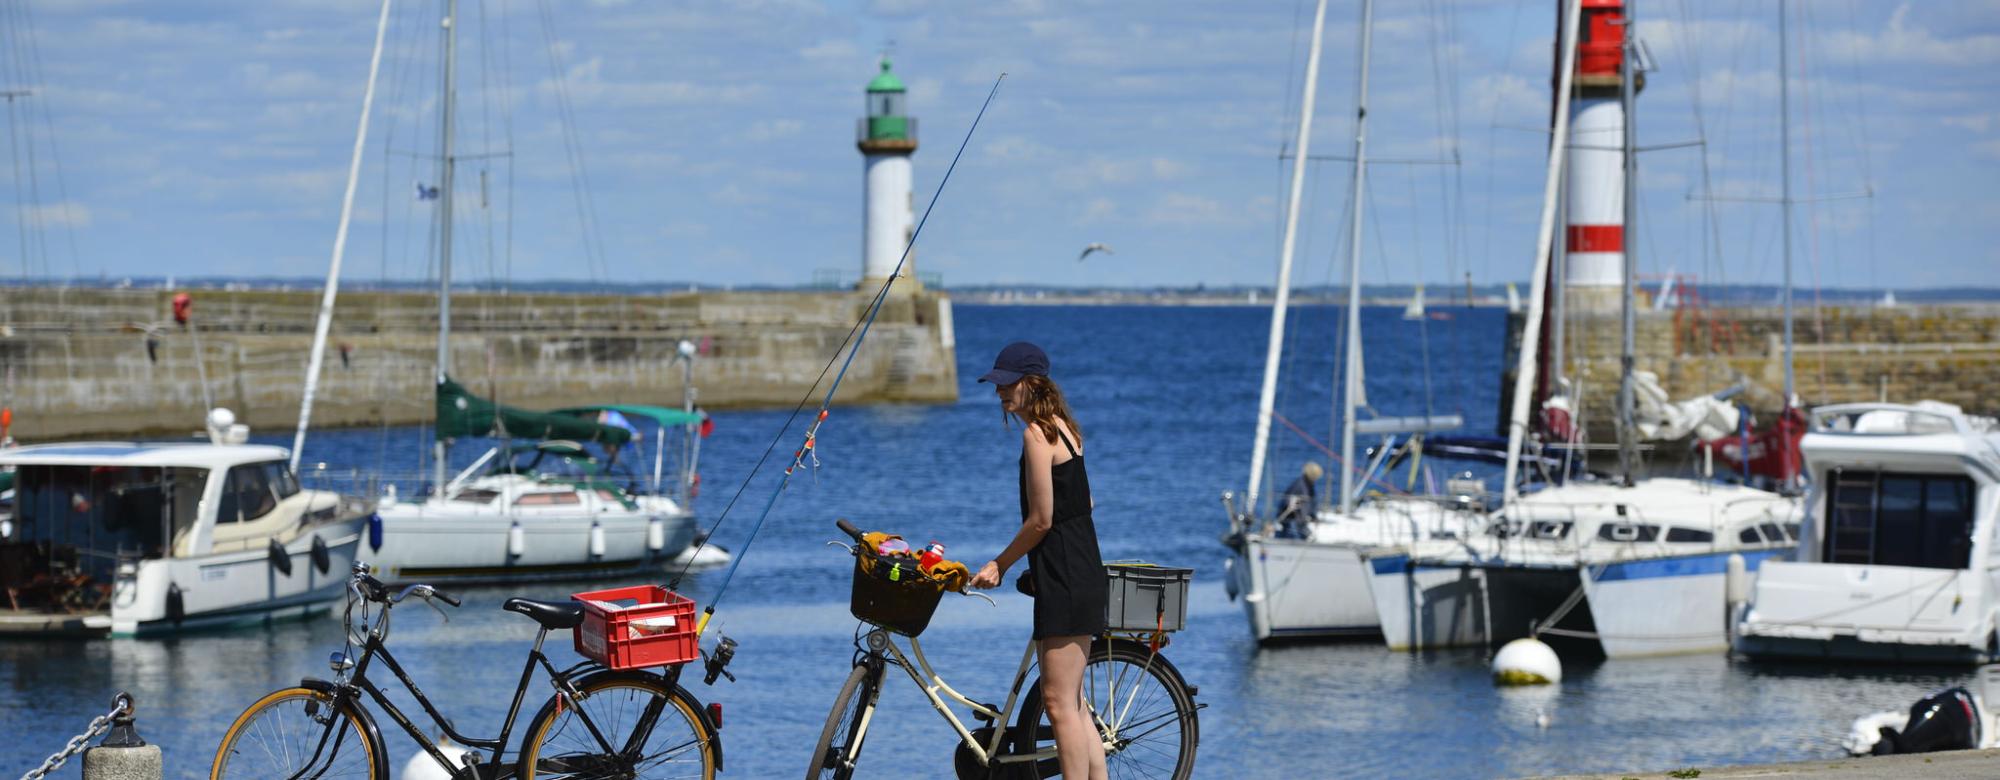 Vélo et canne à pêche sur le quai à Port-Tudy, île de Groix